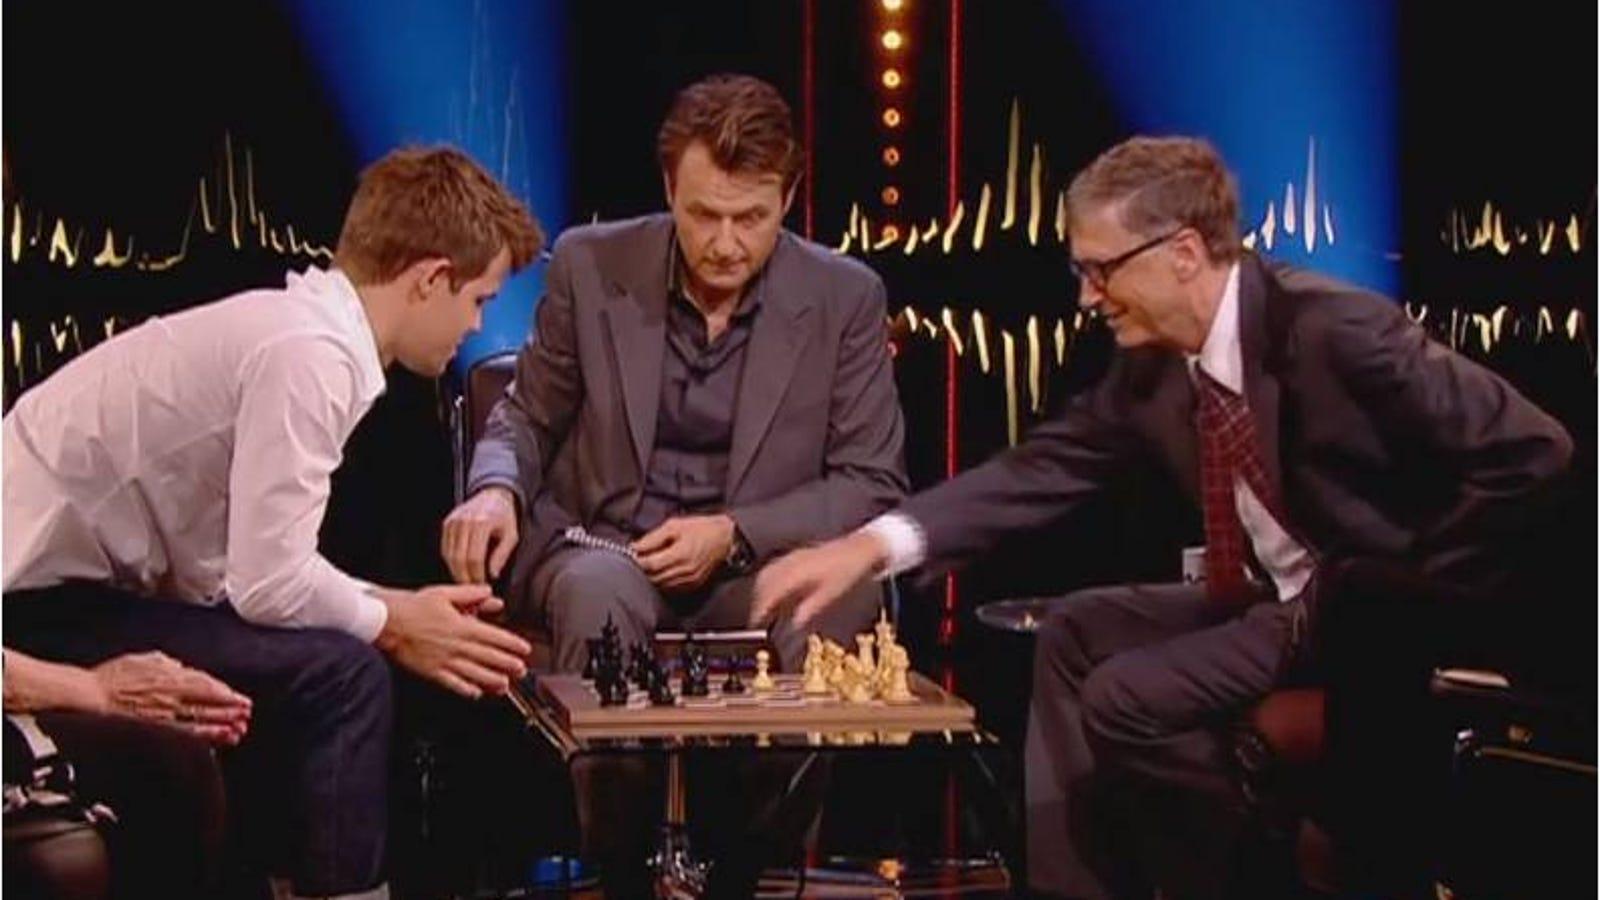 El mejor jugador de ajedrez del mundo gana a Bill Gates en 79 segundos